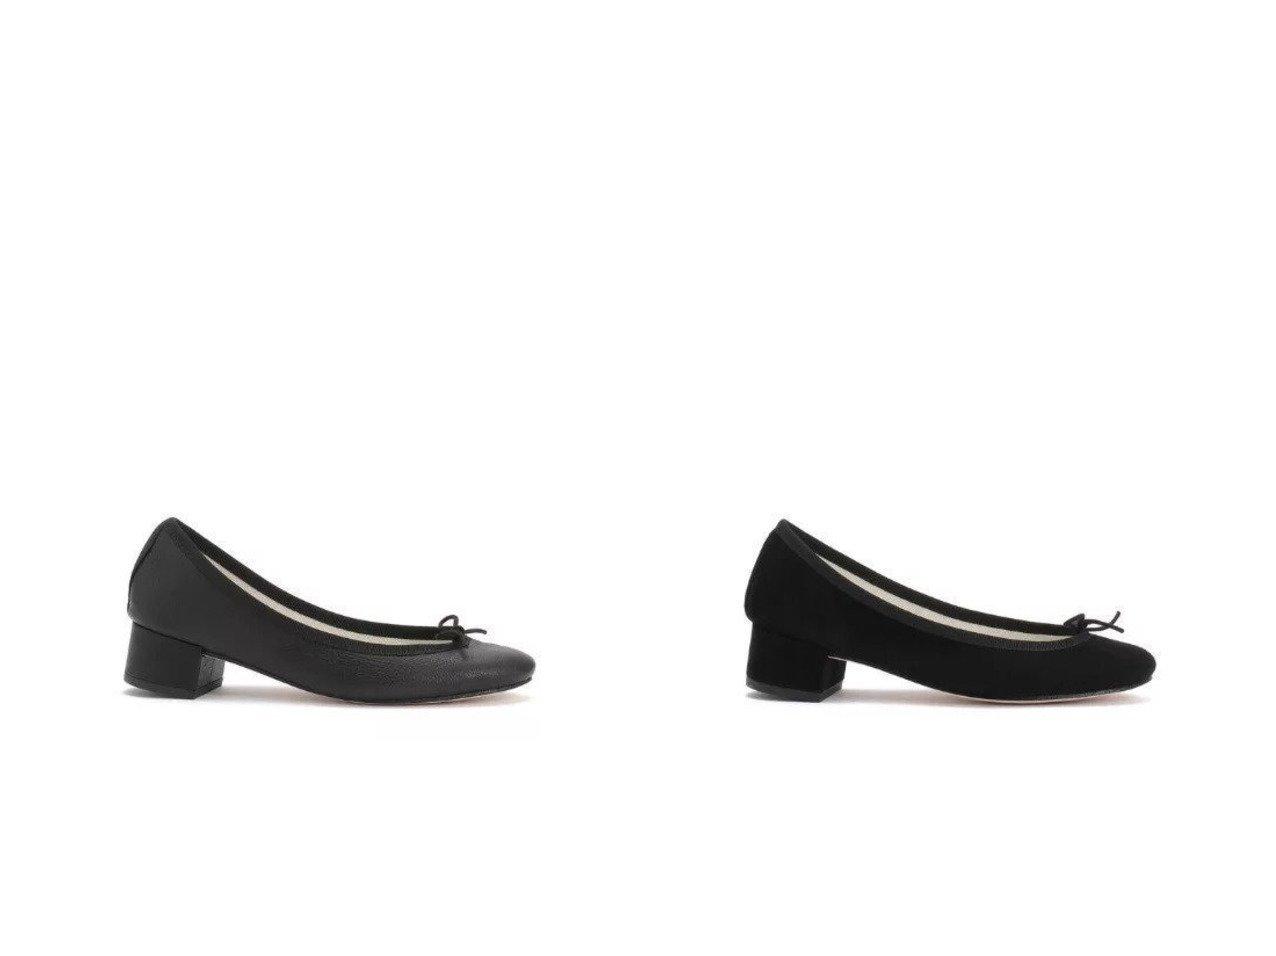 【repetto/レペット】のCamille Ballerinas&Camille Ballerinas 【シューズ・靴】おすすめ!人気、トレンド・レディースファッションの通販 おすすめで人気の流行・トレンド、ファッションの通販商品 メンズファッション・キッズファッション・インテリア・家具・レディースファッション・服の通販 founy(ファニー) https://founy.com/ ファッション Fashion レディースファッション WOMEN シューズ シンプル フィット ミドル キャンバス グログラン レース  ID:crp329100000030406